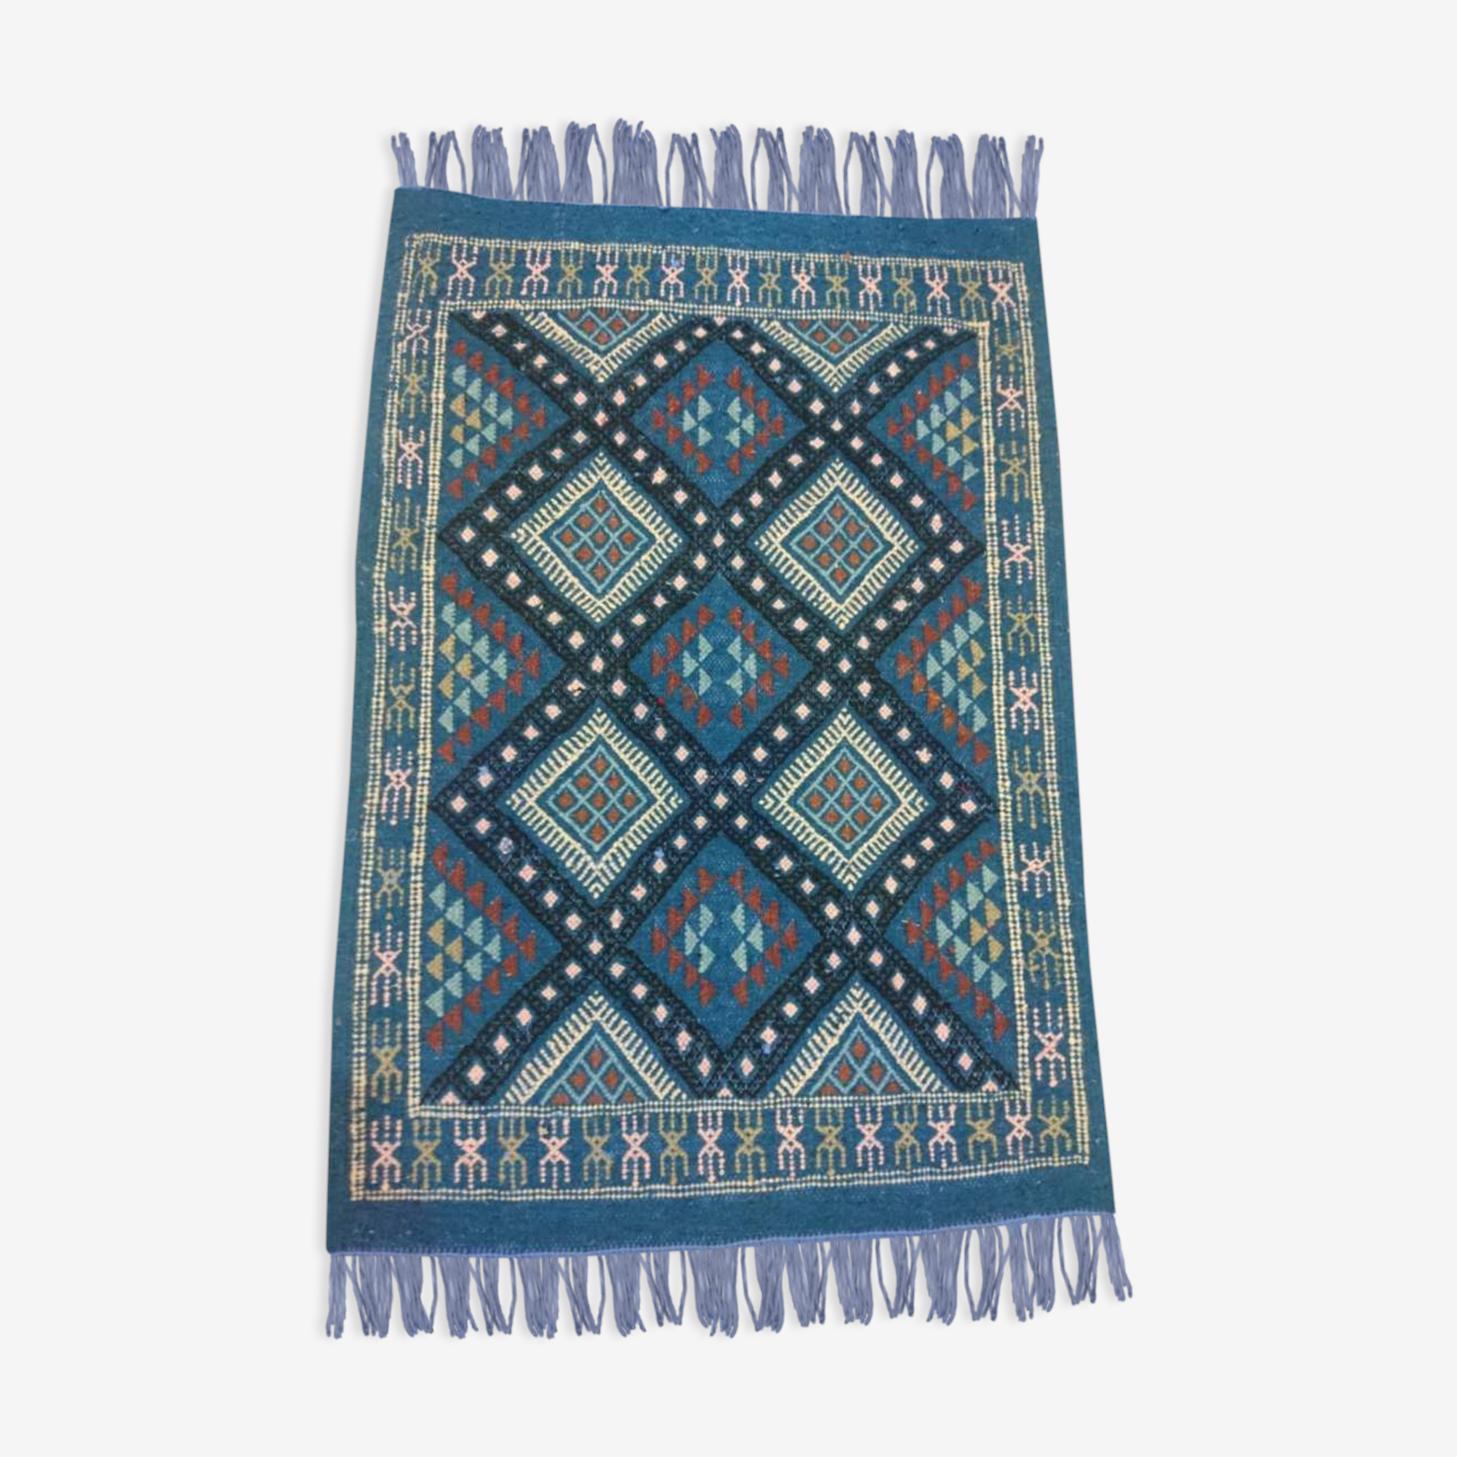 Blue carpet Kilim handmade 58x85cm